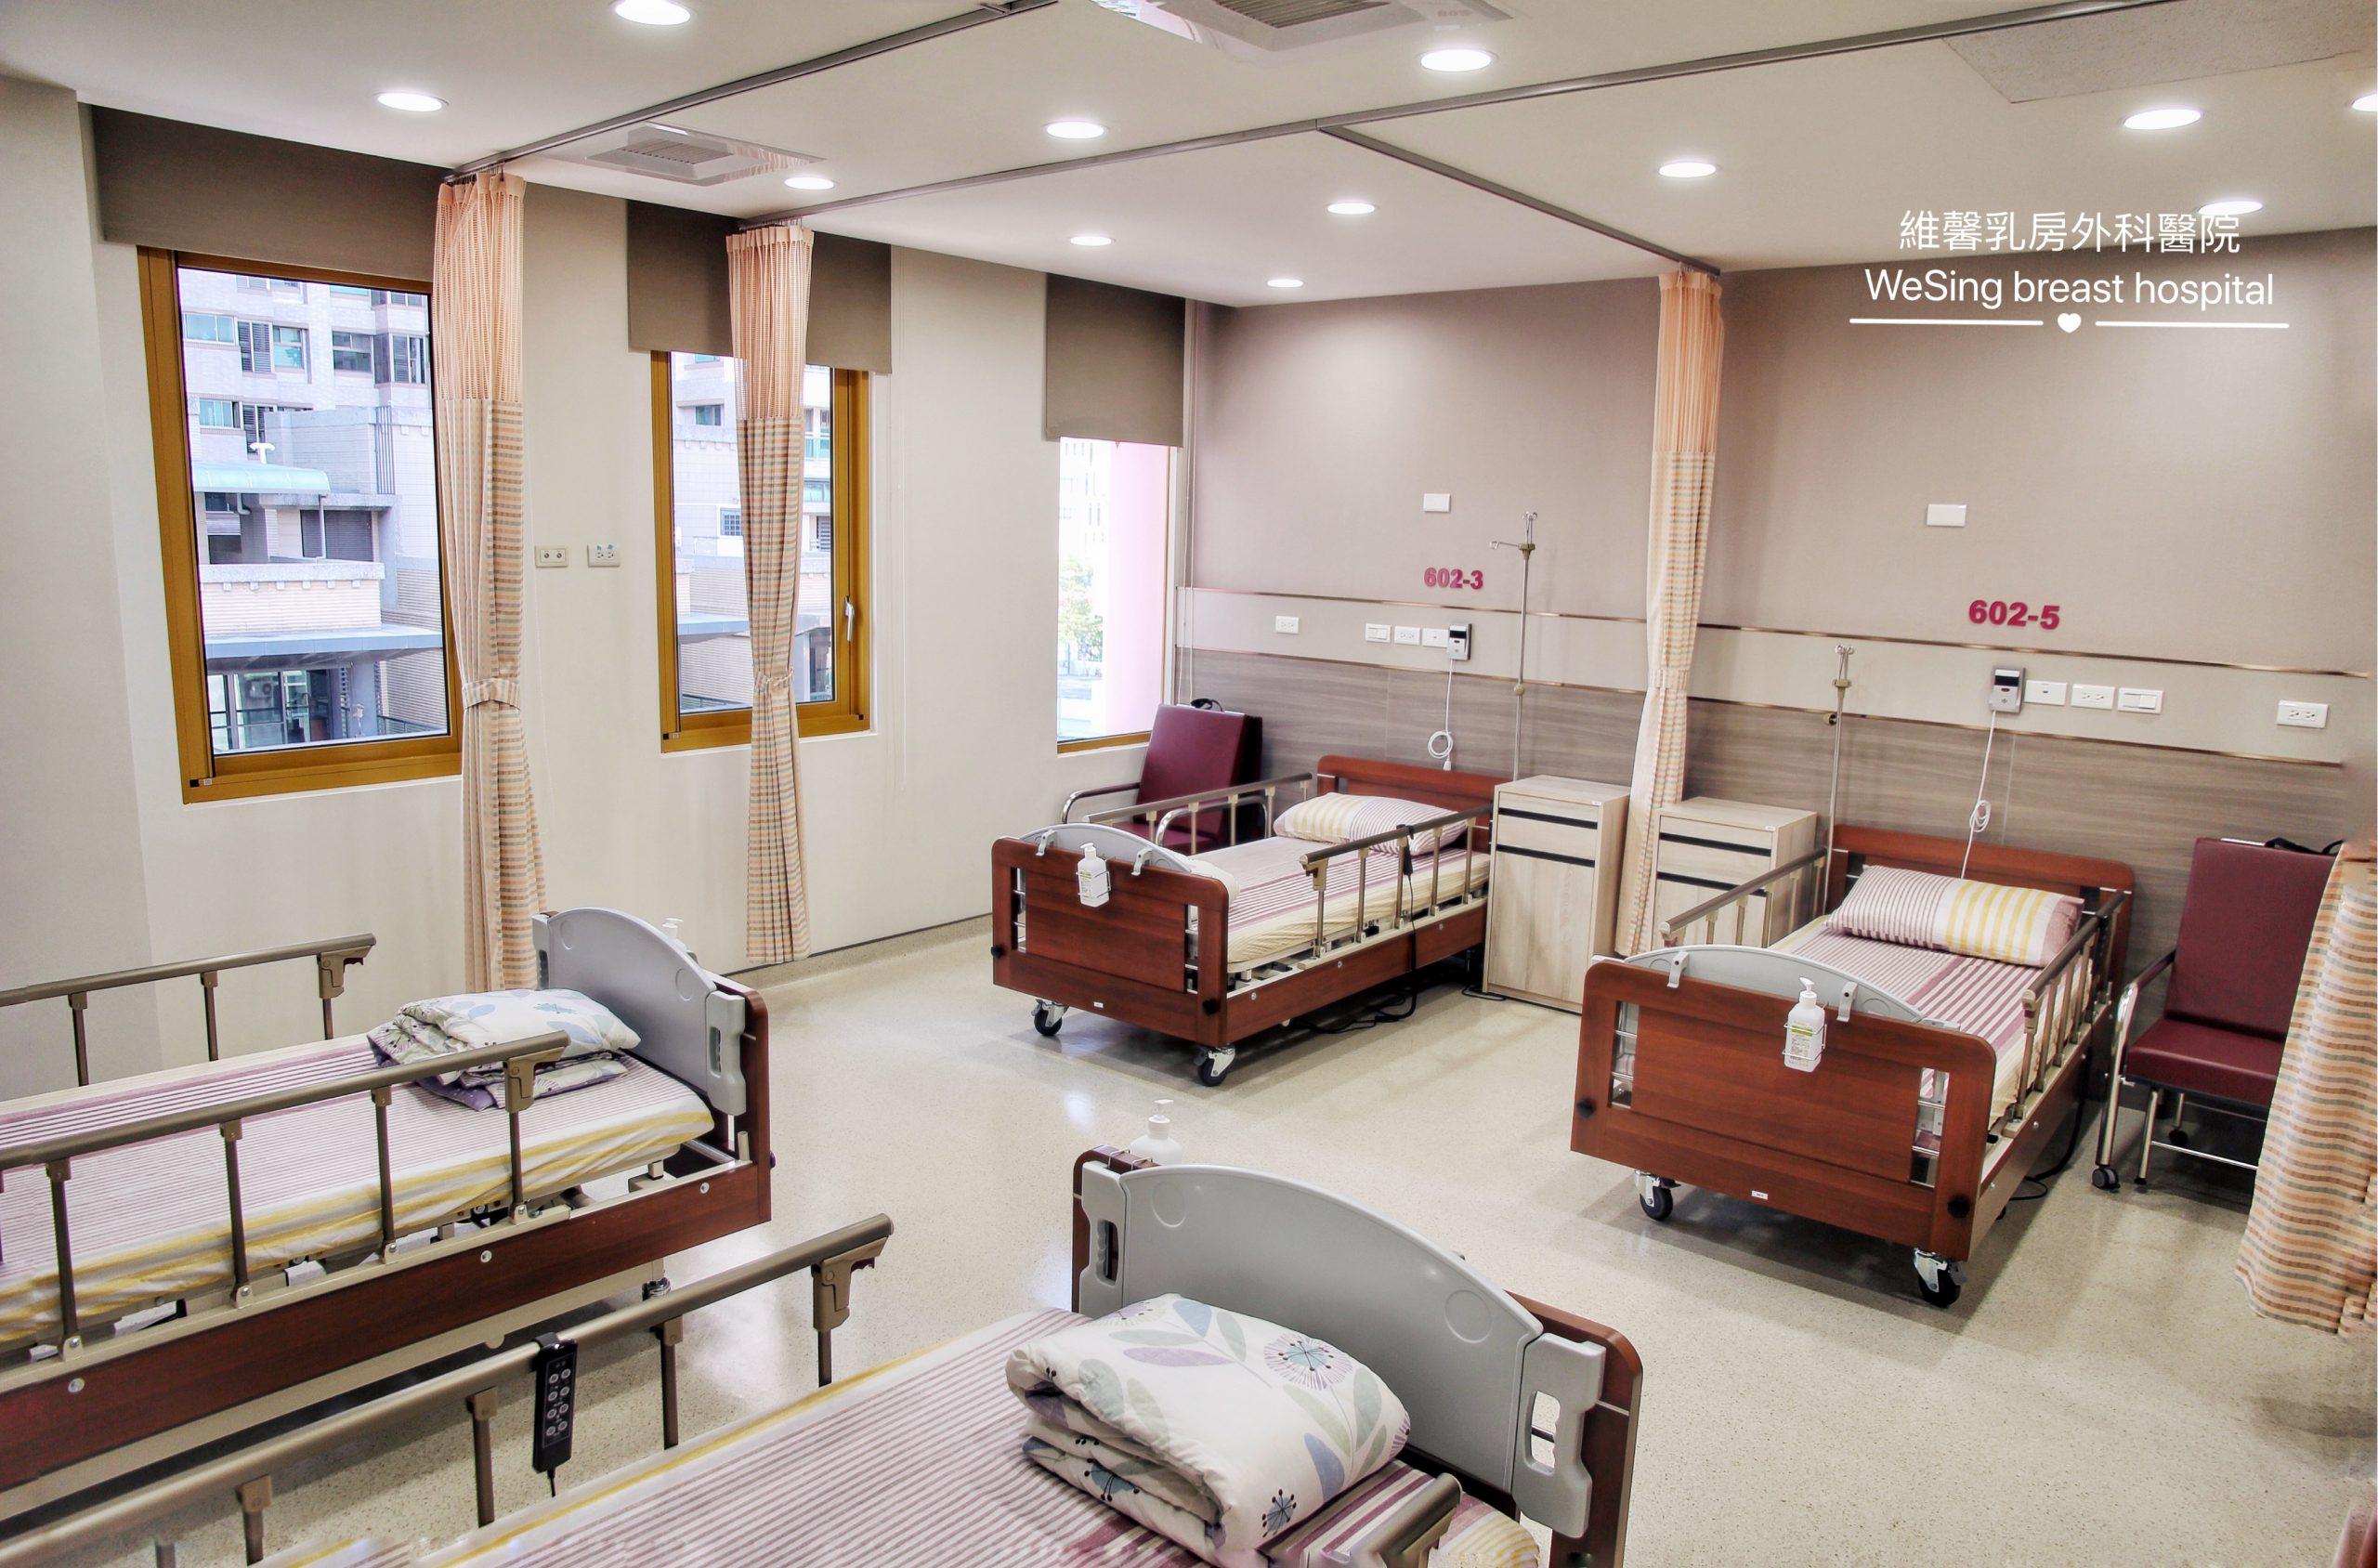 維馨乳房外科醫院